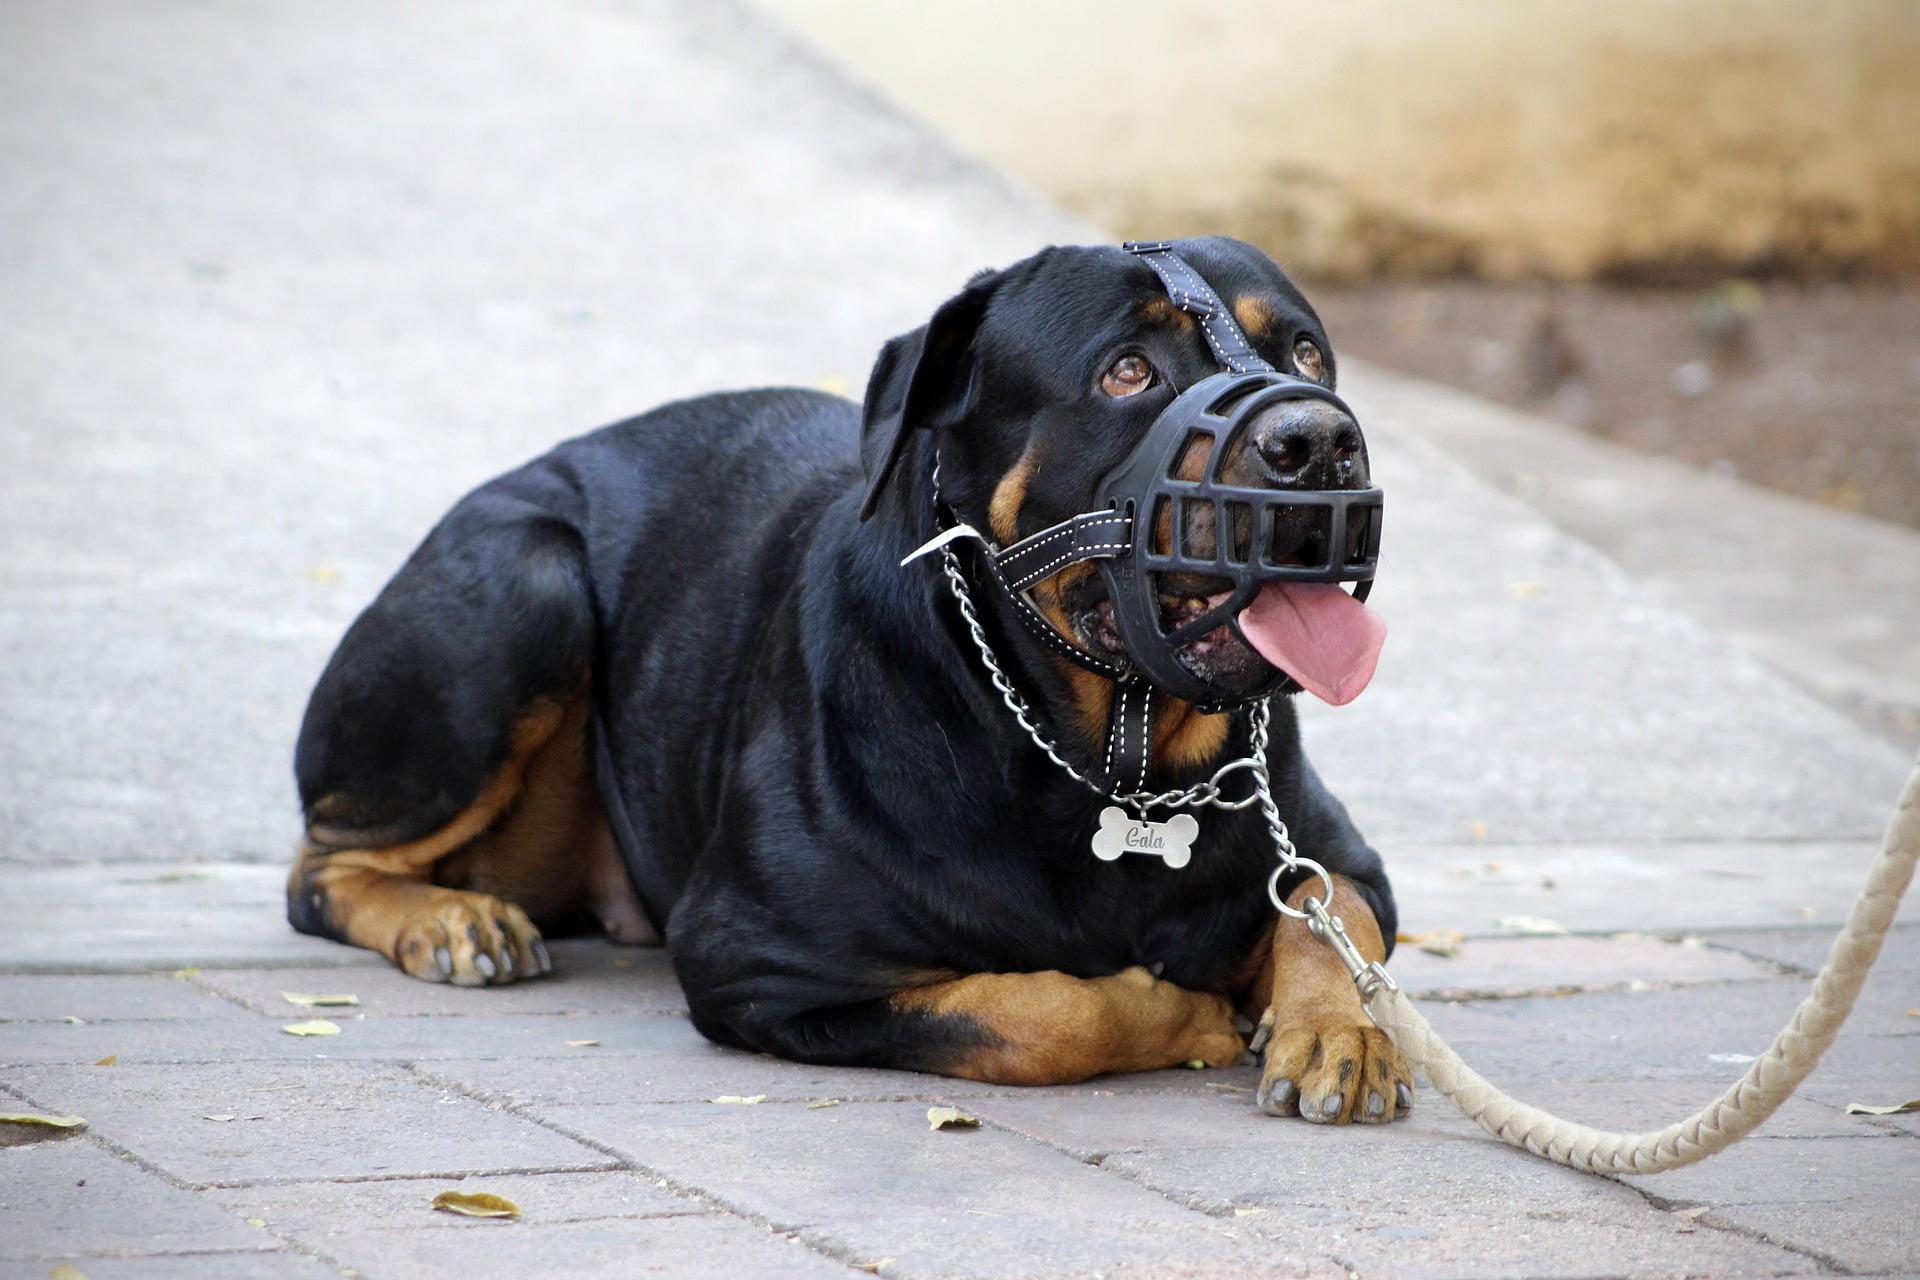 Entrenamiento de bozal para perros: respondemos sobre cómo, por qué y cuándo usar un bozal 1